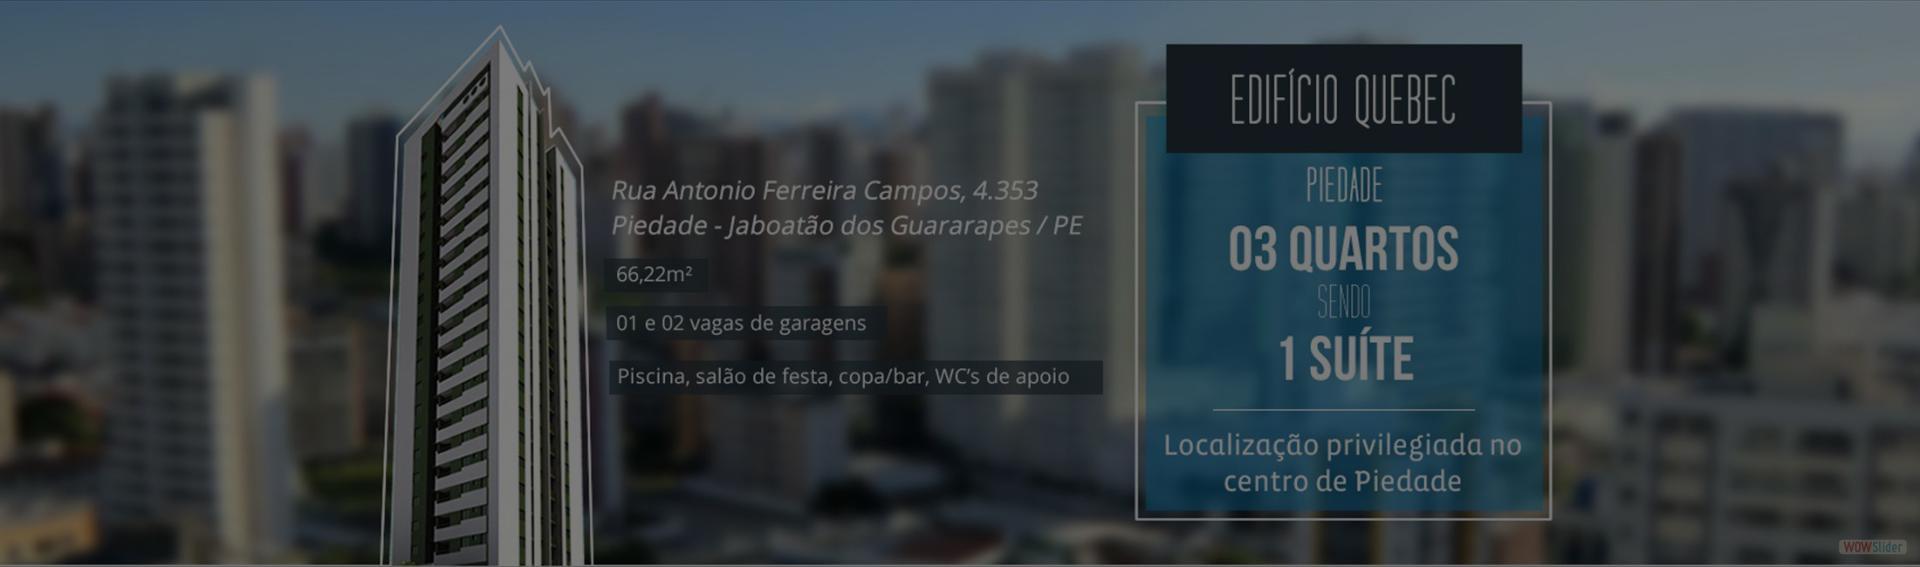 EDF. QUEBEC